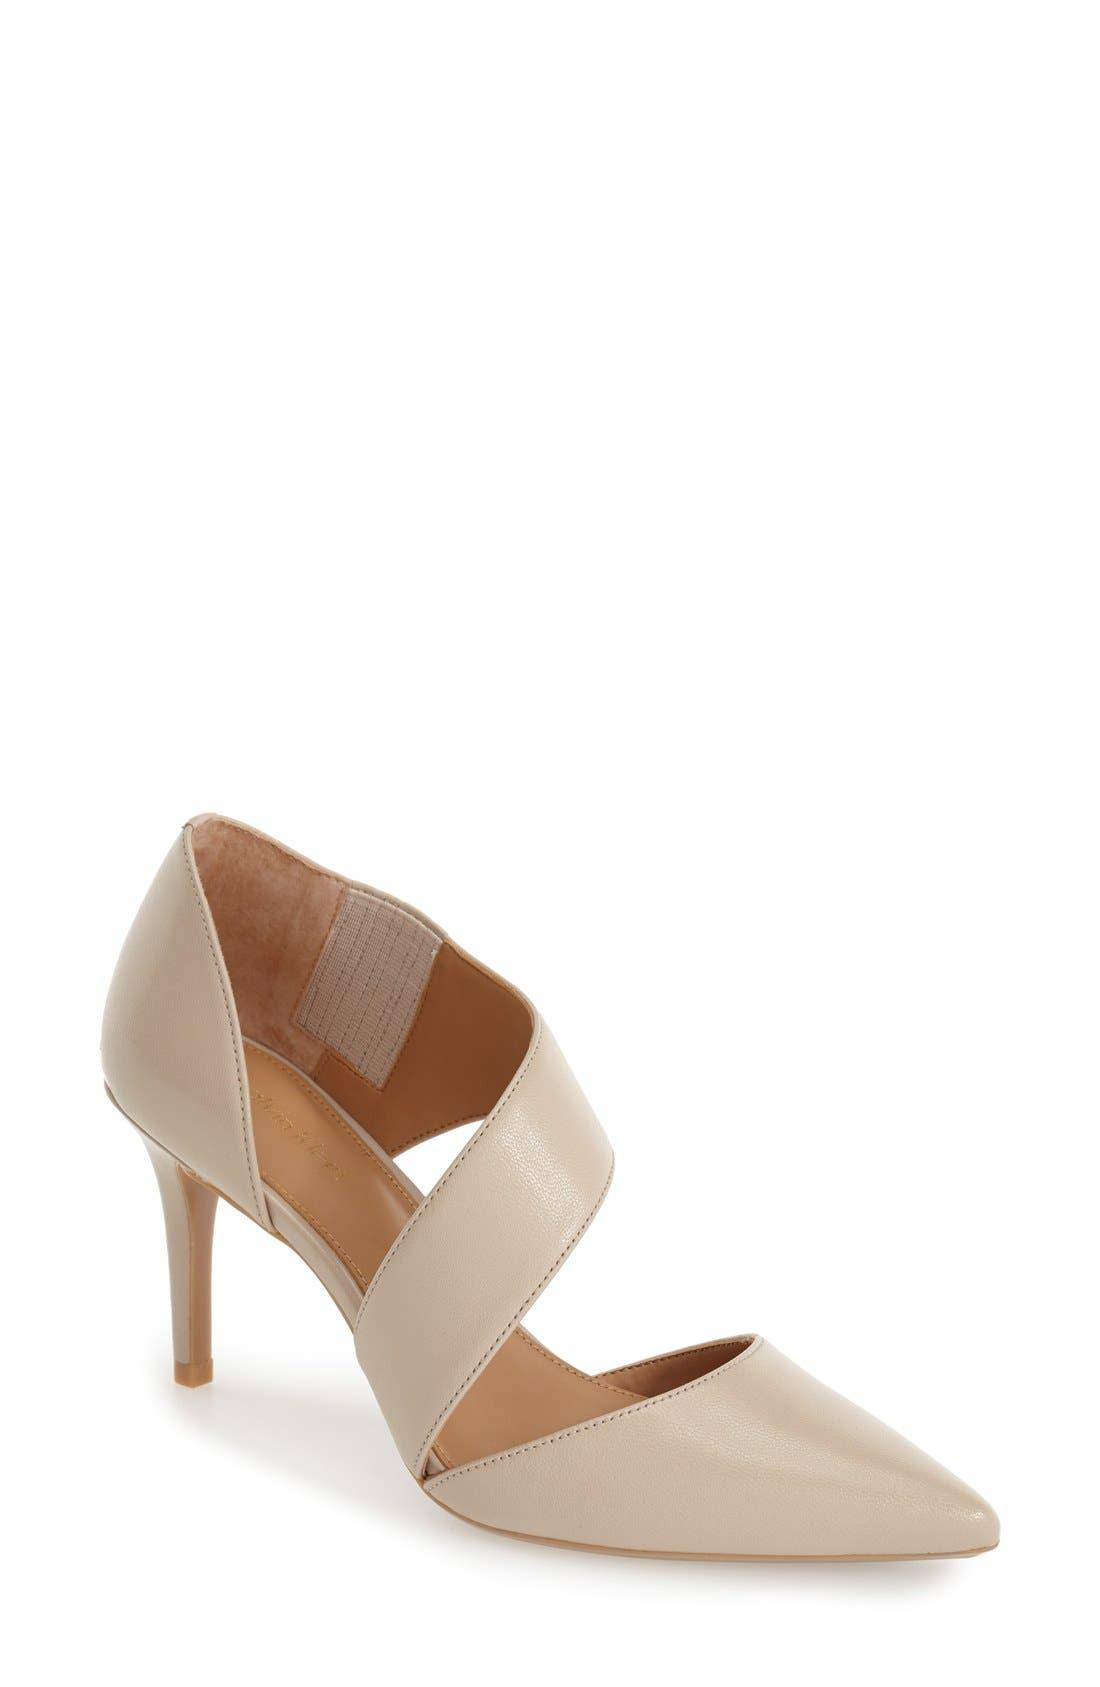 Main Image - Calvin Klein 'Gella' Pointy Toe Pump (Women)